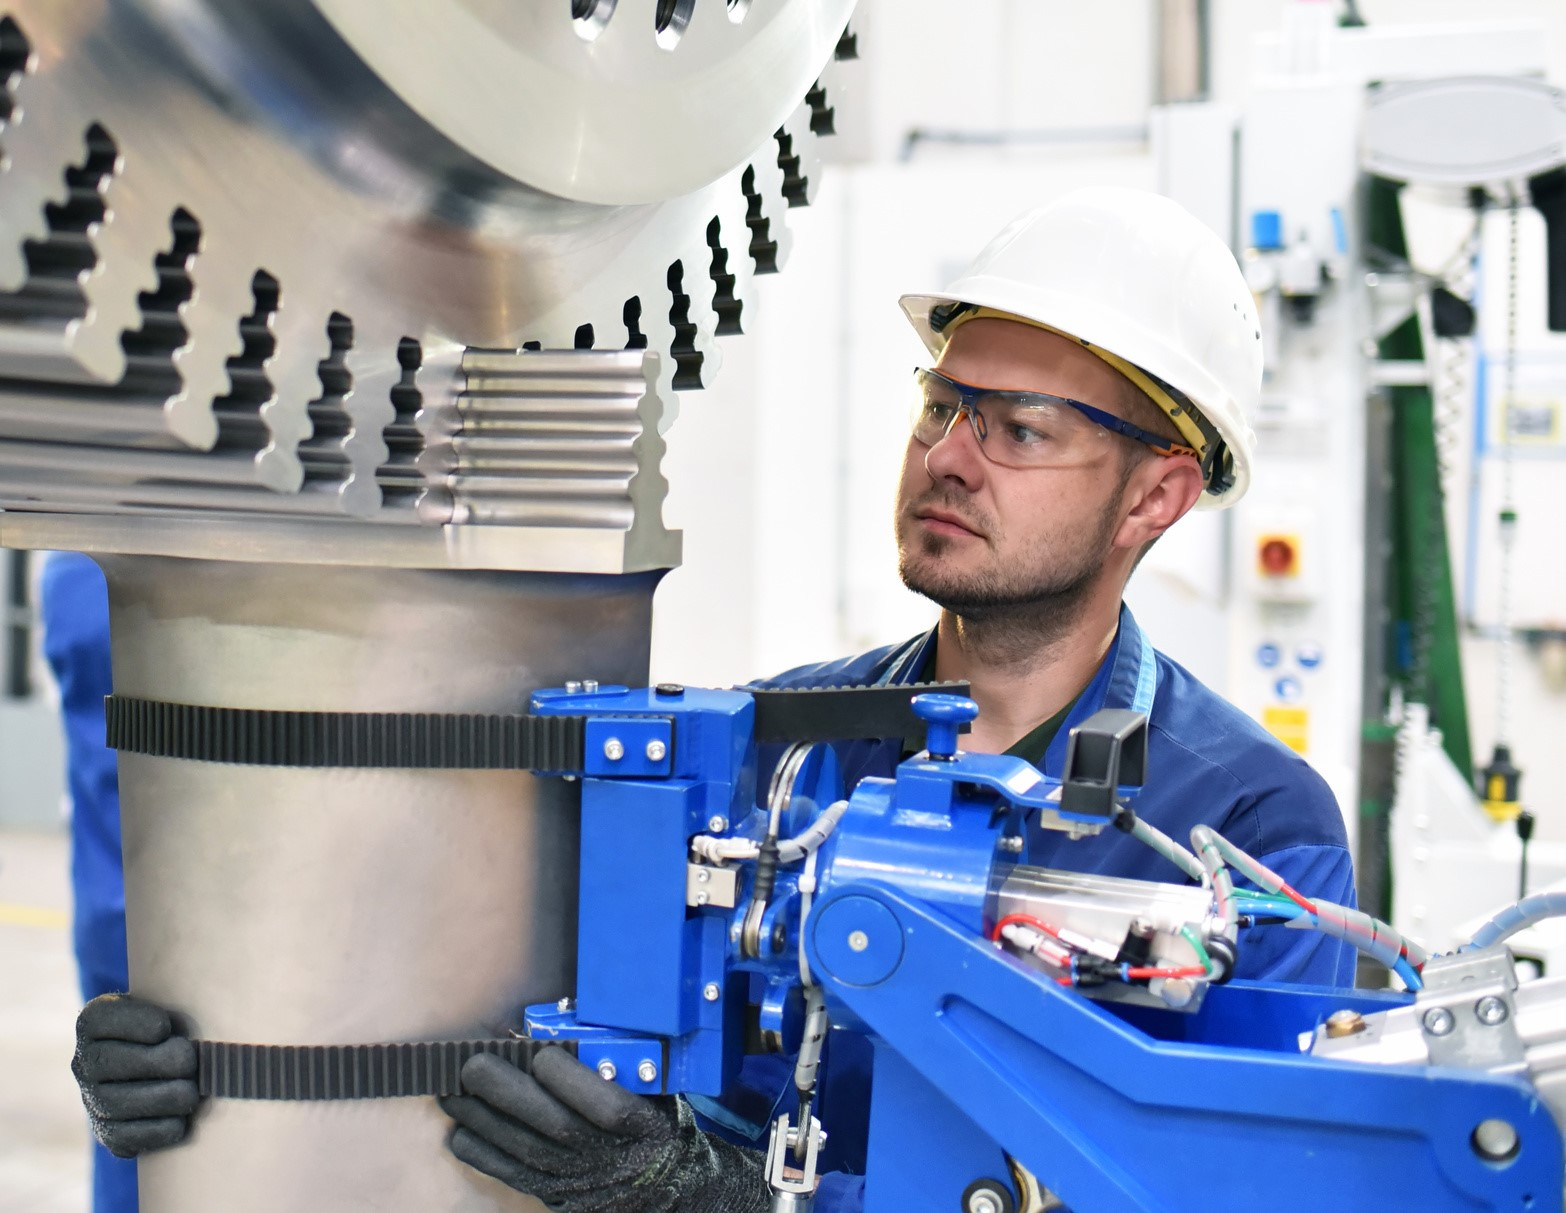 Produktionsmitarbeiter (m/w/d) Instandhaltung